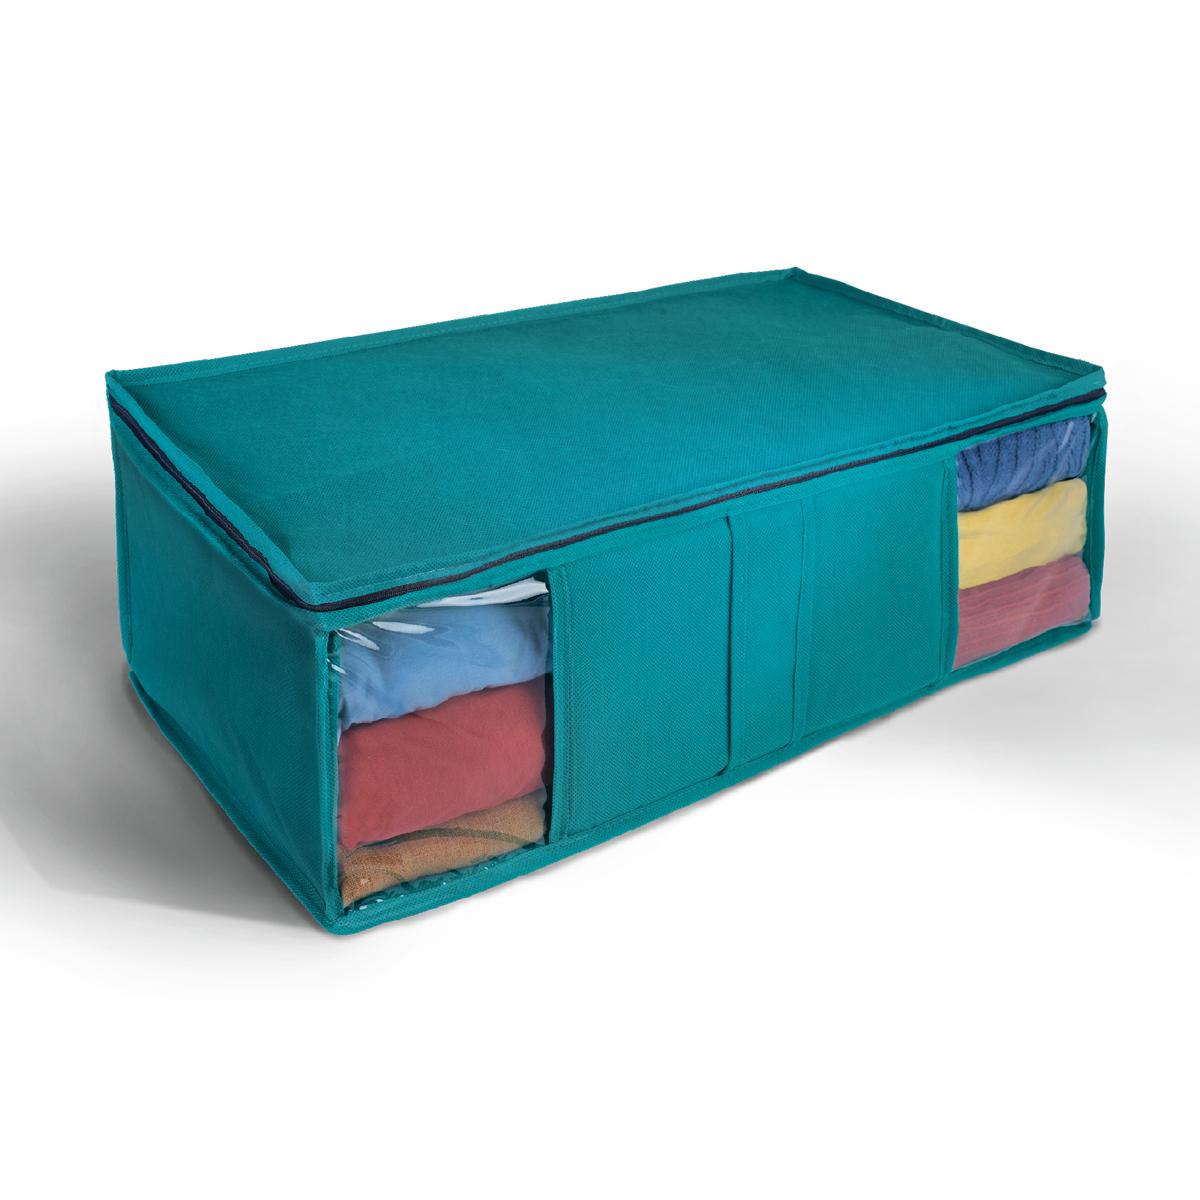 Кофр для хранения Miolla, цвет: синий, 60 х 30 х 20 см. CHL-10-1CHL-10-1Ящик текстильный для хранения вещей 60 x 30 x 20 см синий